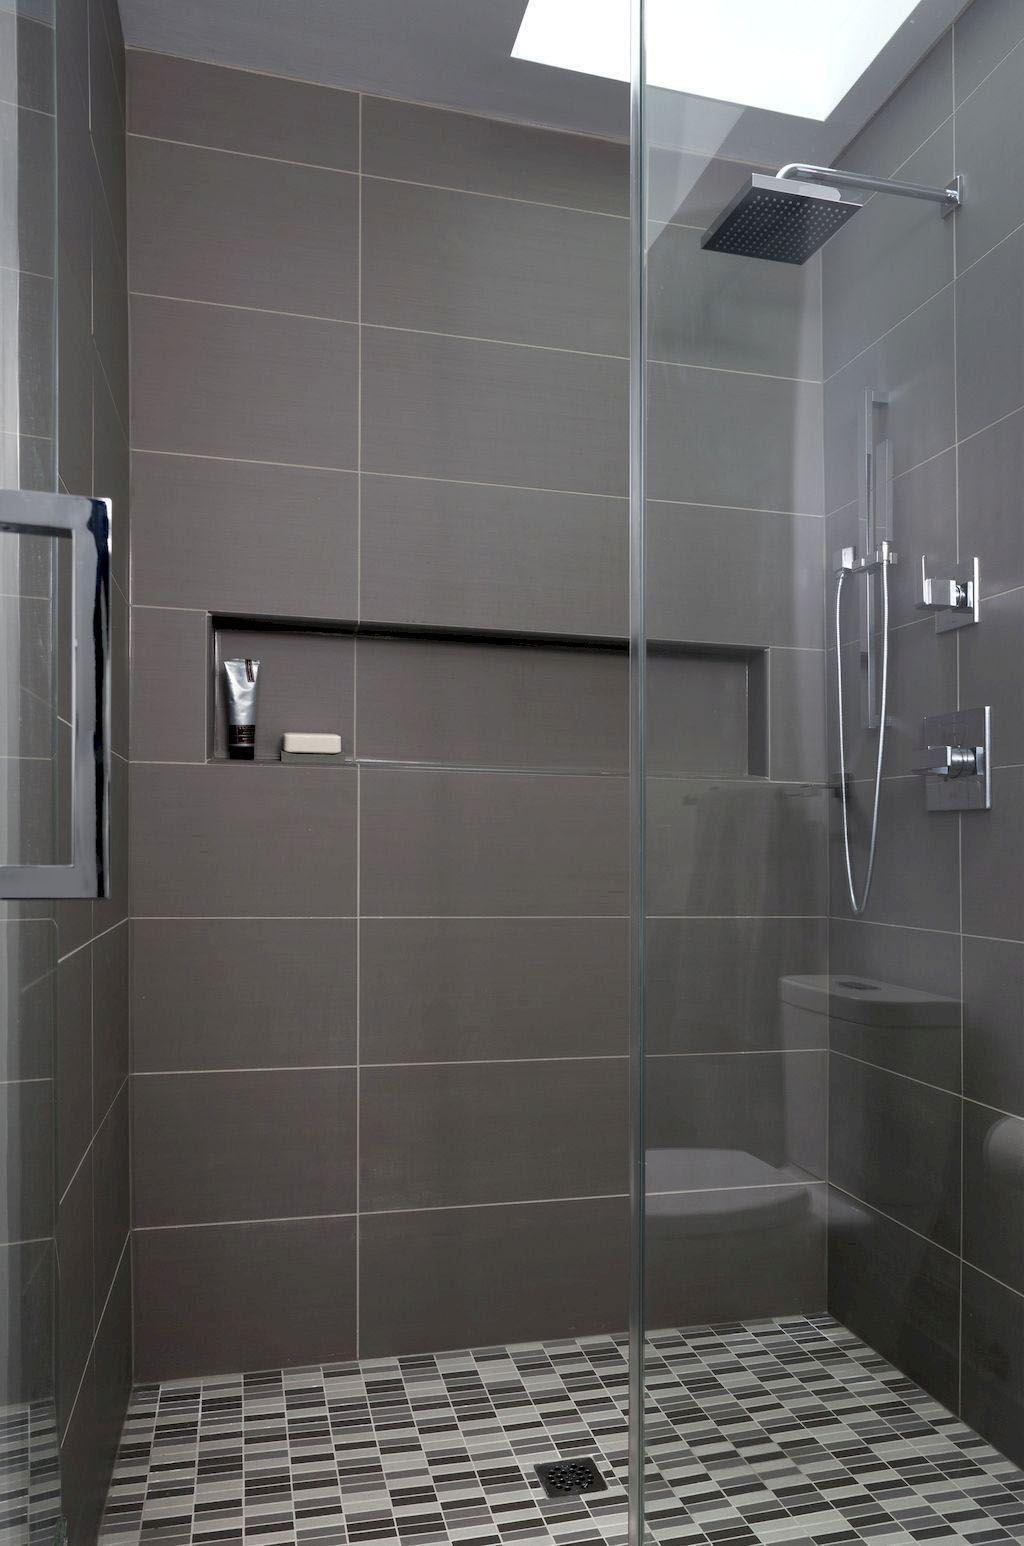 Amazing Small 4 Piece Bathroom Ideas One And Only Interioropedia Com 4piecebathro Bathroom Design Small Modern Elegant Bathroom Small Bathroom Remodel Designs